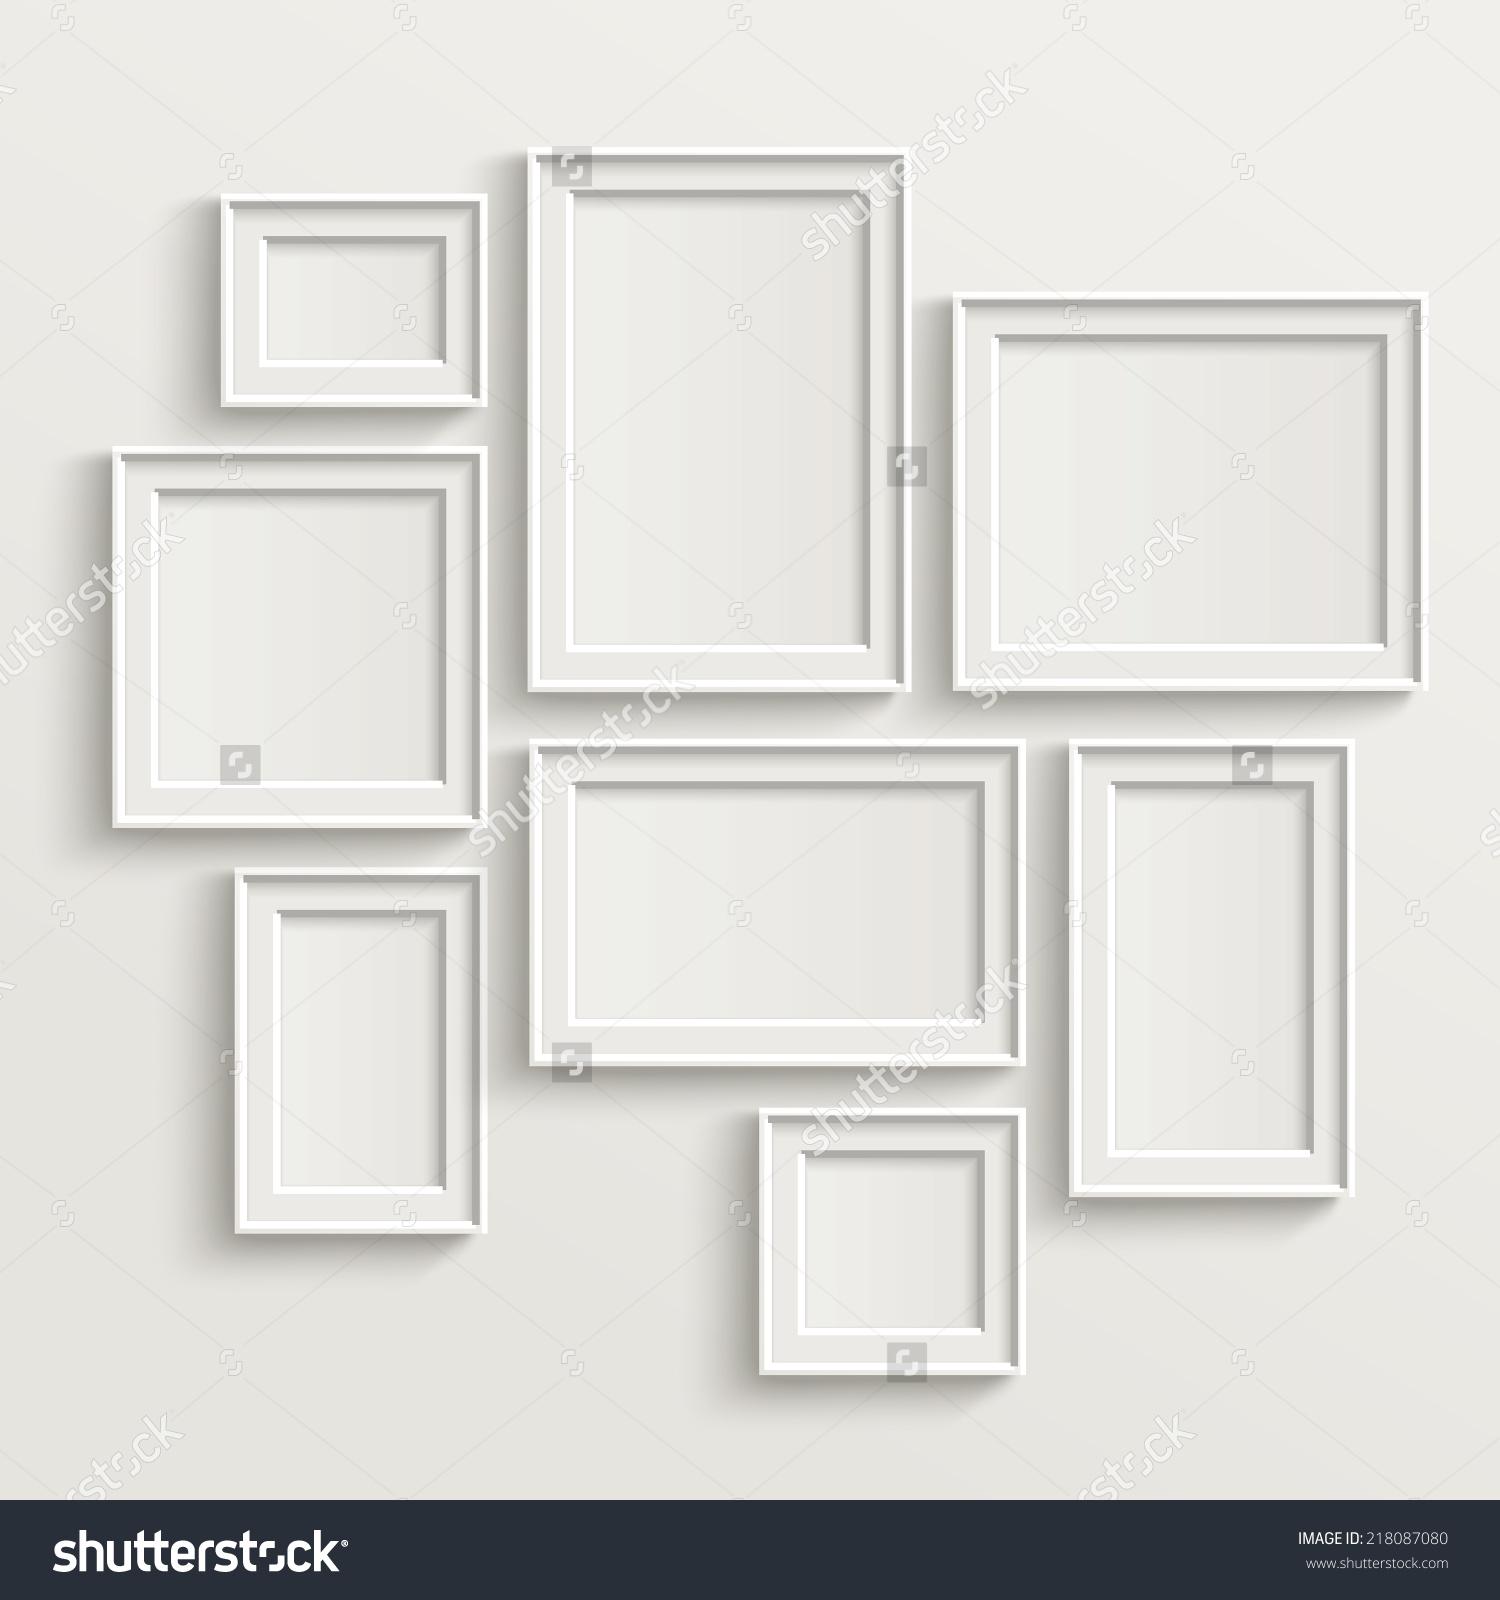 空白的相框模板设置隔离墙-背景/素材